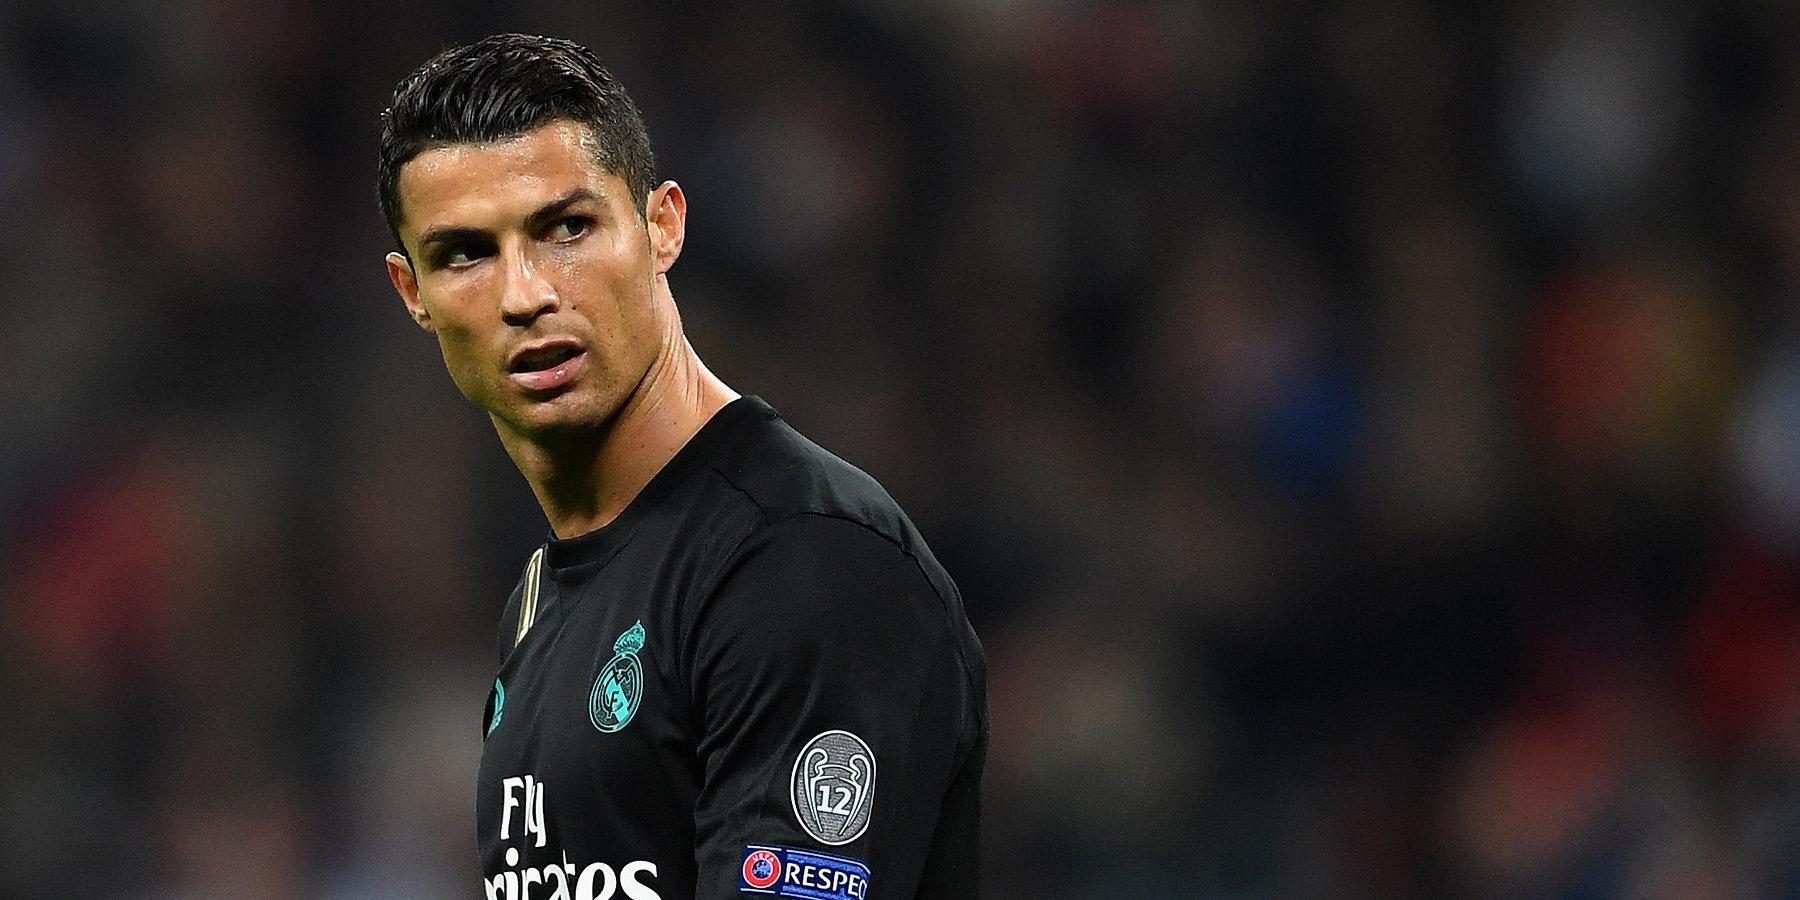 О чем предпочитает молчать главная звезда мадридского Реала Роналду